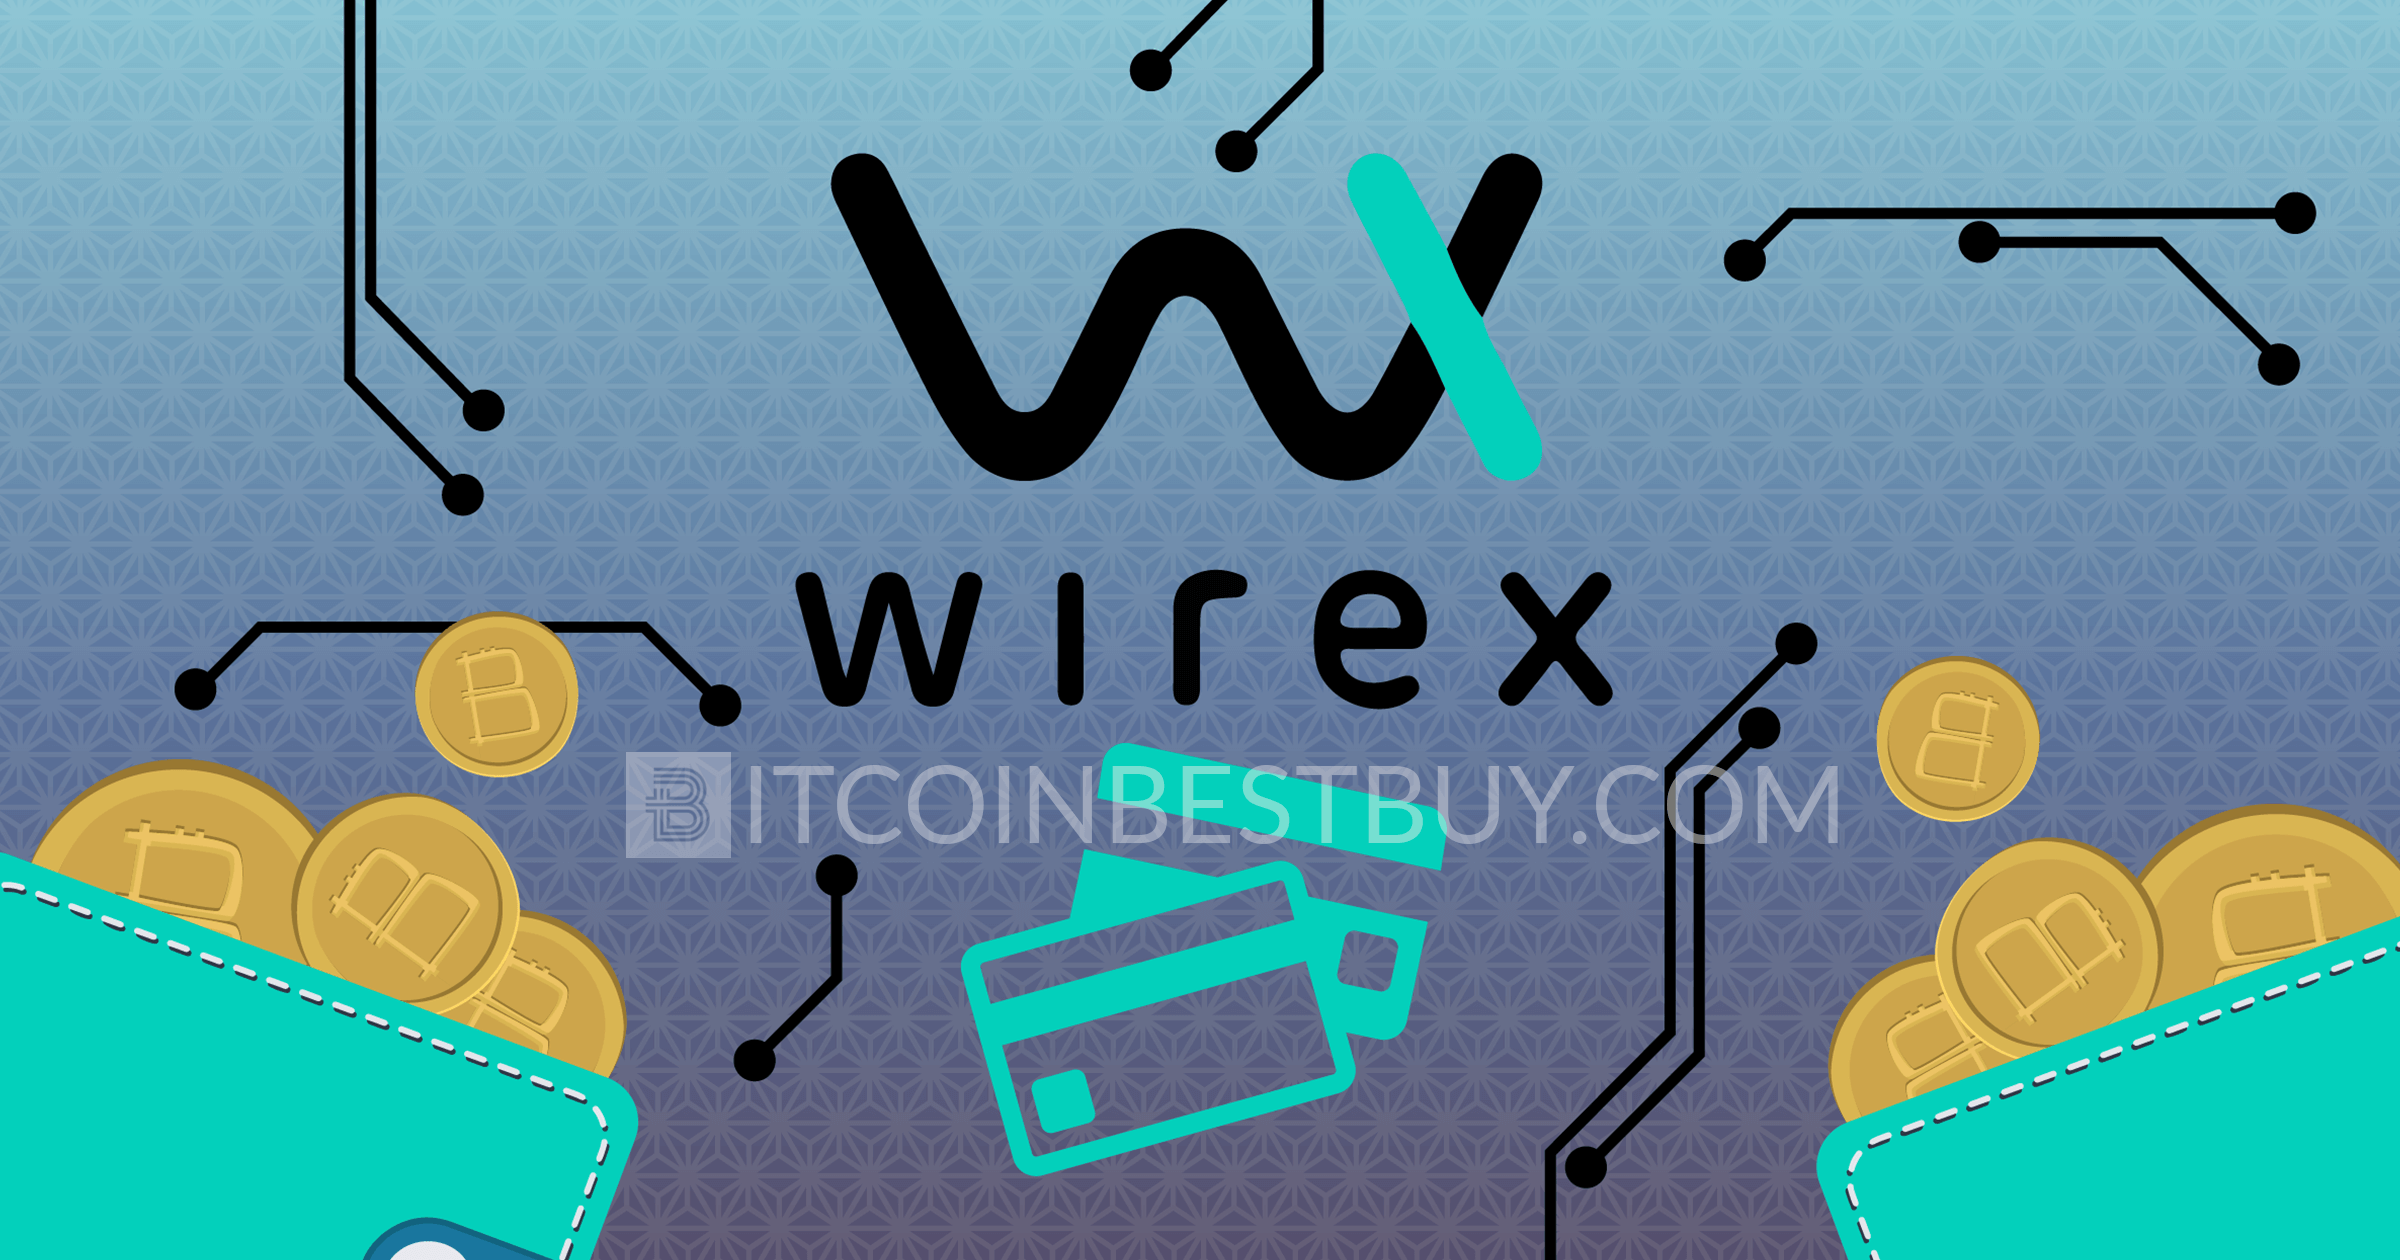 Notre avis intégral sur le courtier Wirex